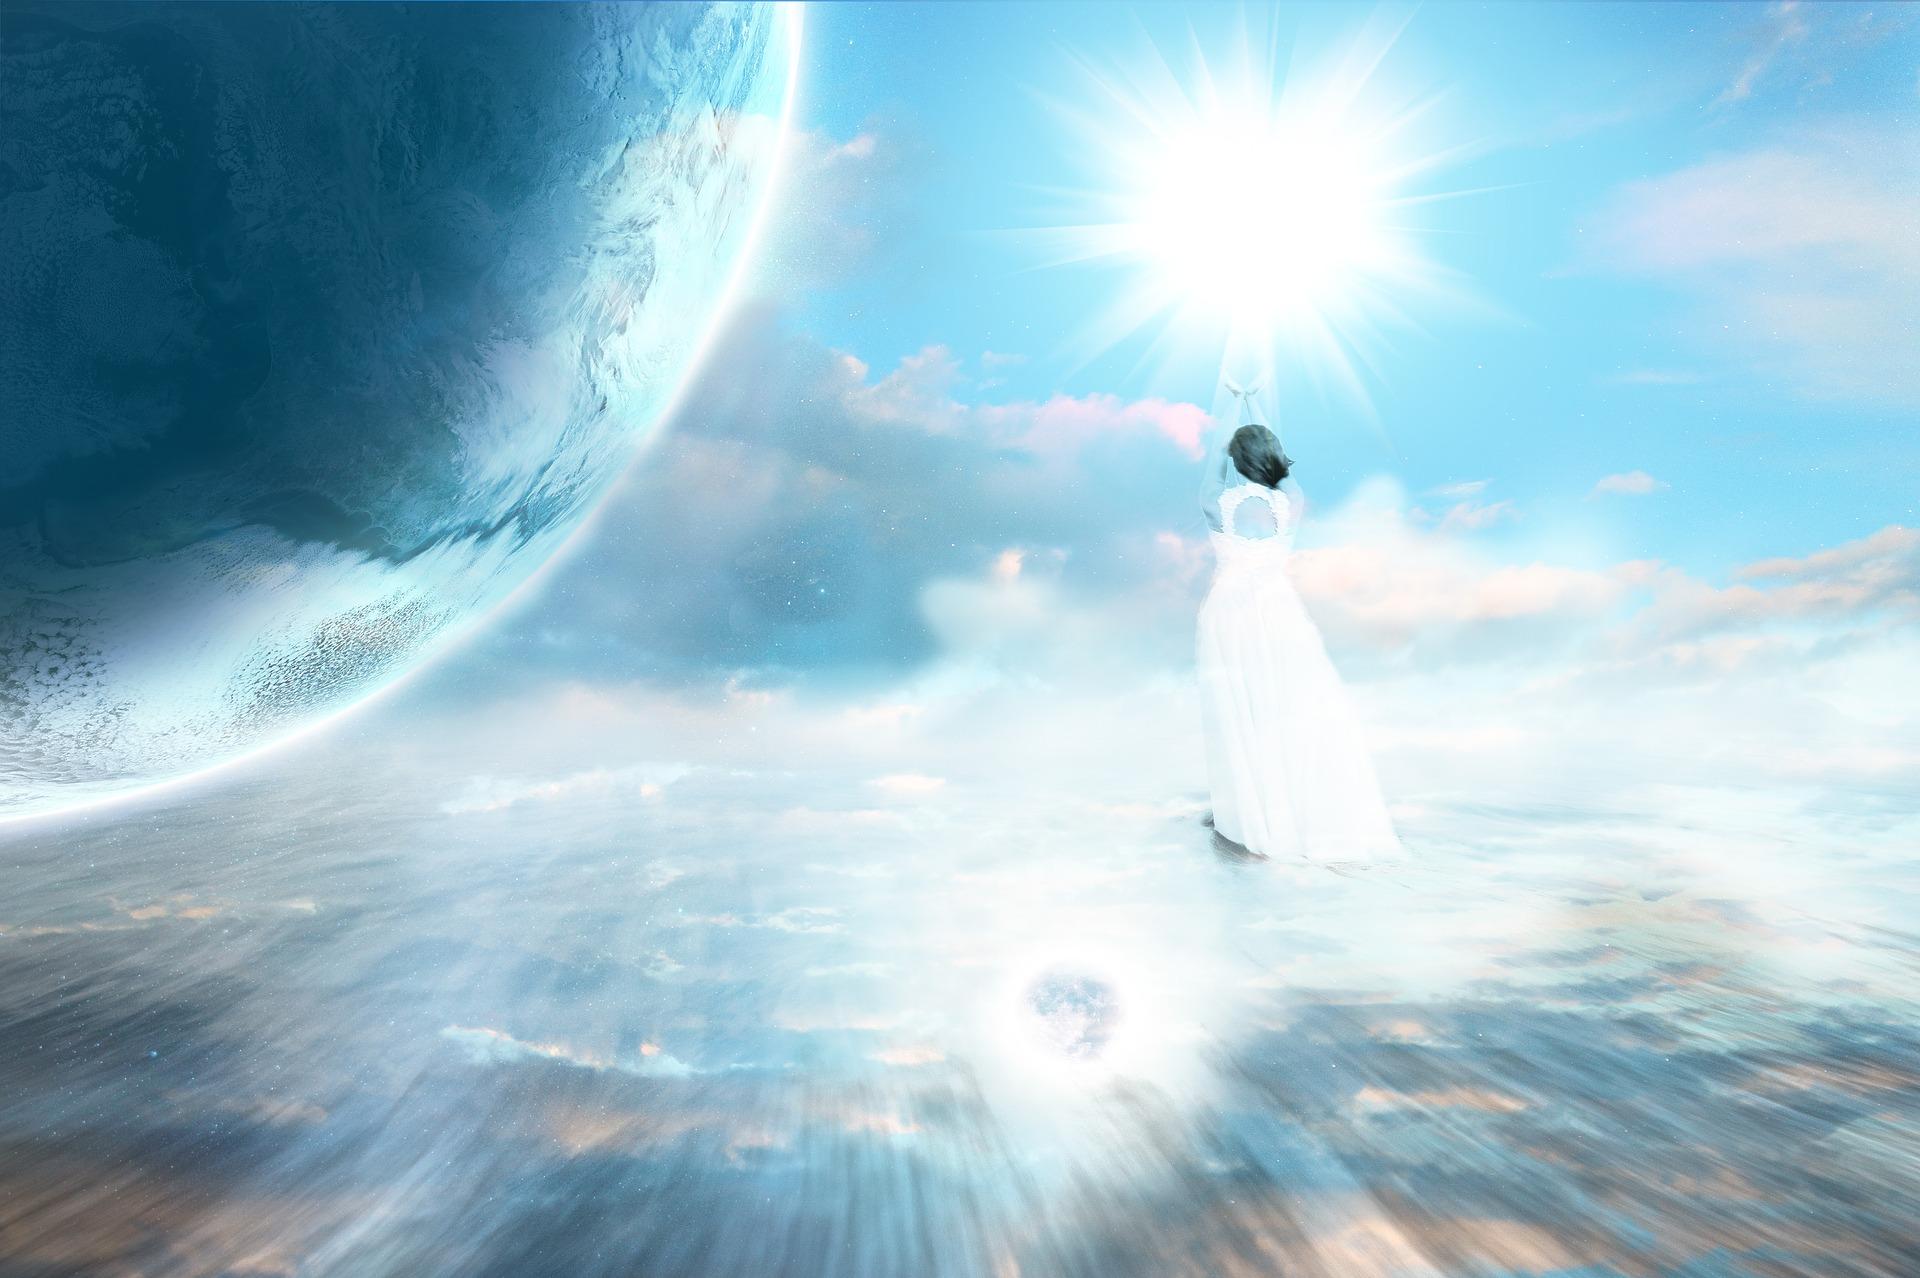 天啟讓我發覺天賦與能量回歸身邊並且靈活運用在生活中